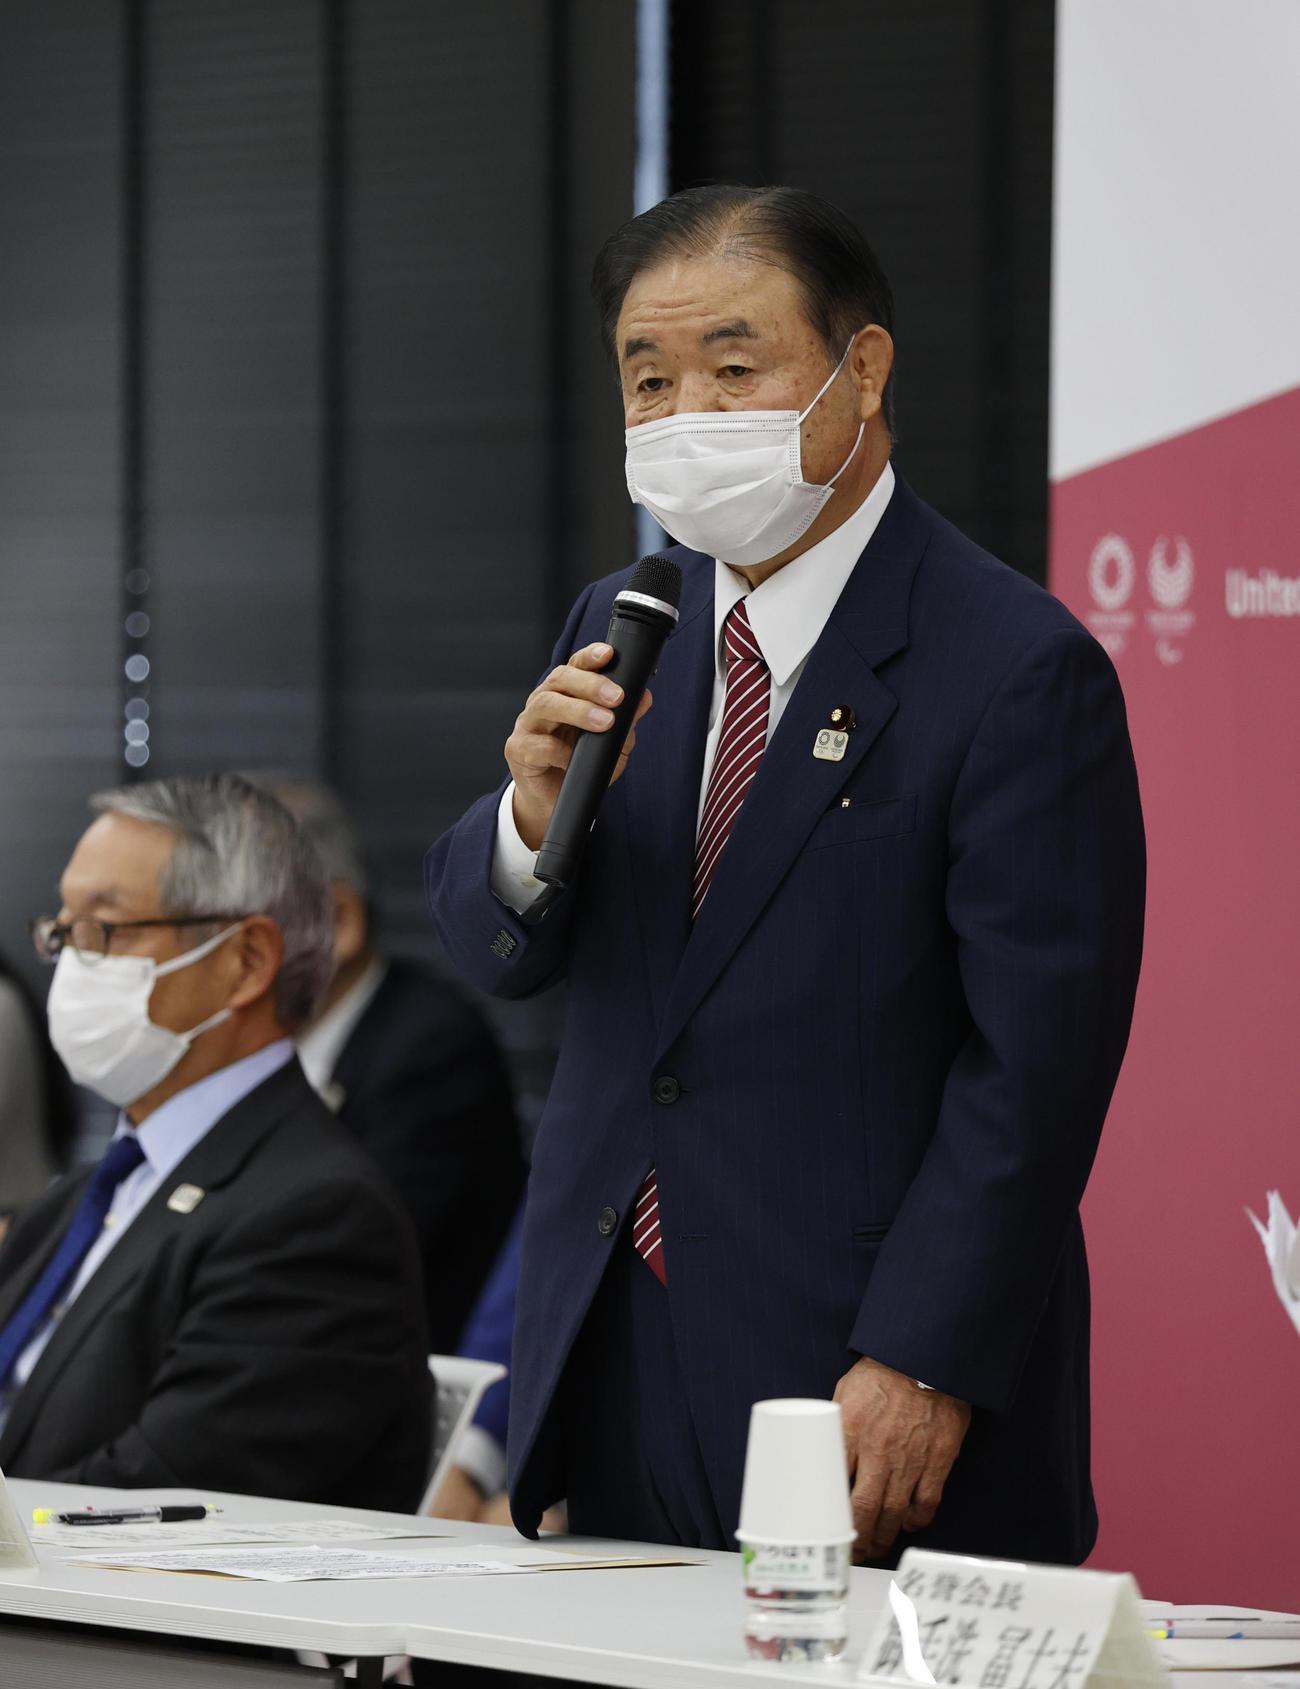 遠藤利明副会長(2021年2月18日撮影)